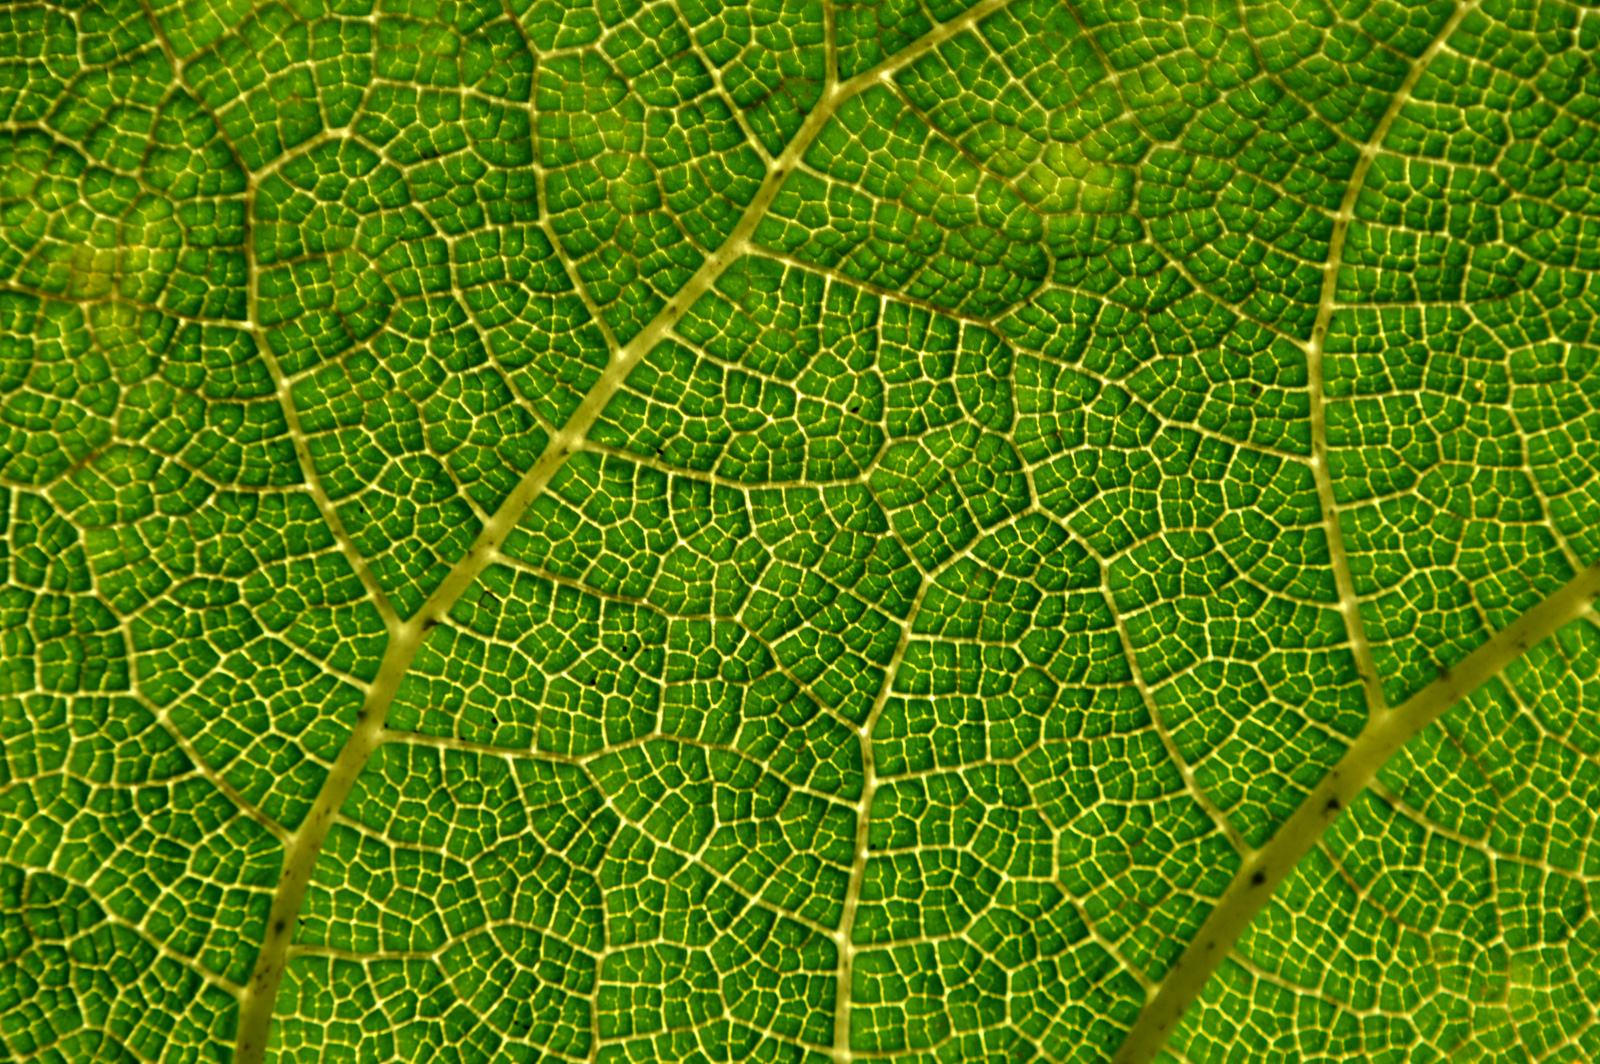 Textura de hoja de arbol - 1600x1064